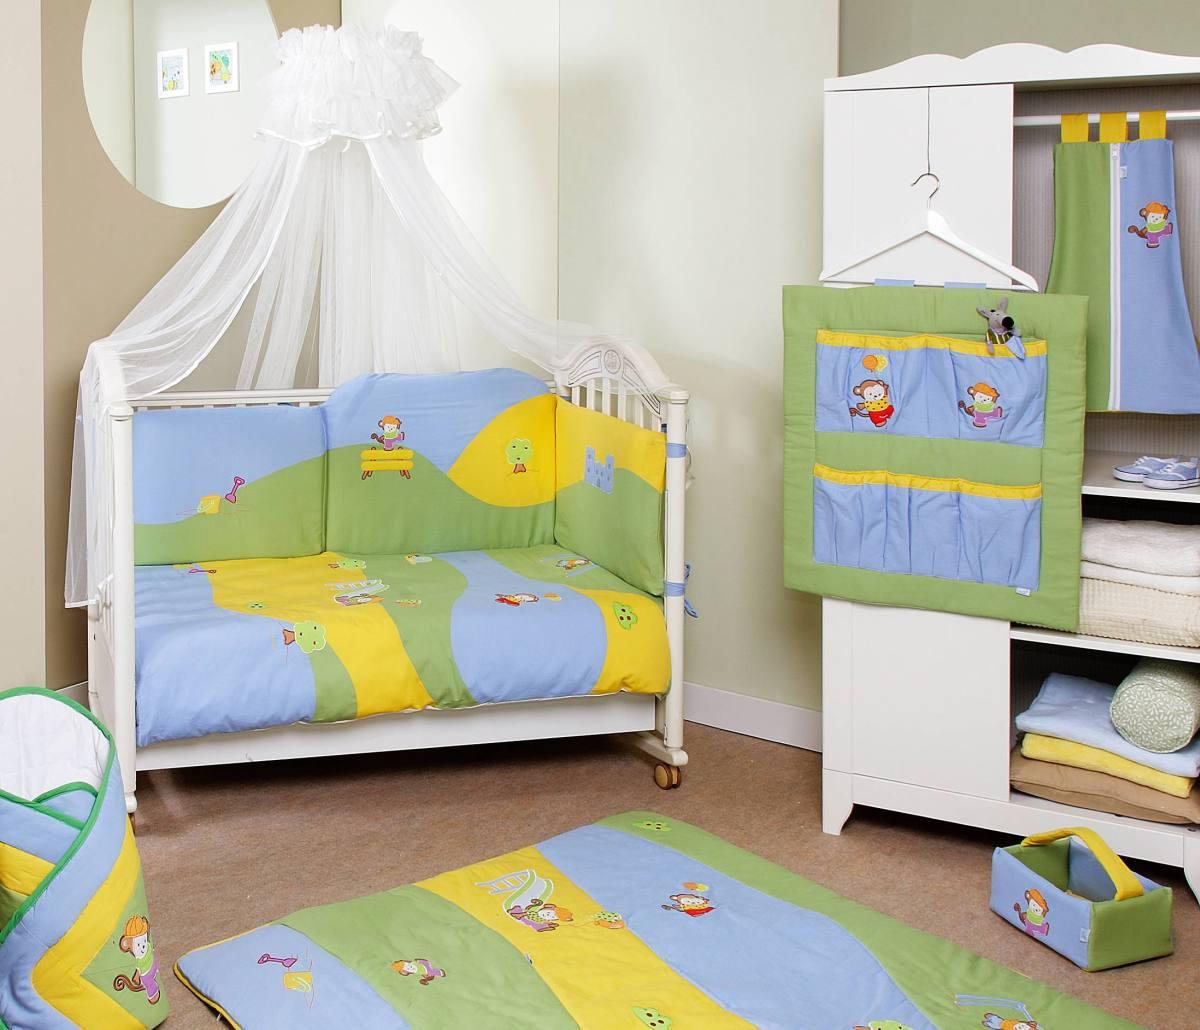 Комплект постельного белья Jolly лонг, 6 предметов, мультиколорДетское постельное белье<br>Комплект постельного белья Jolly лонг, 6 предметов, мультиколор<br>